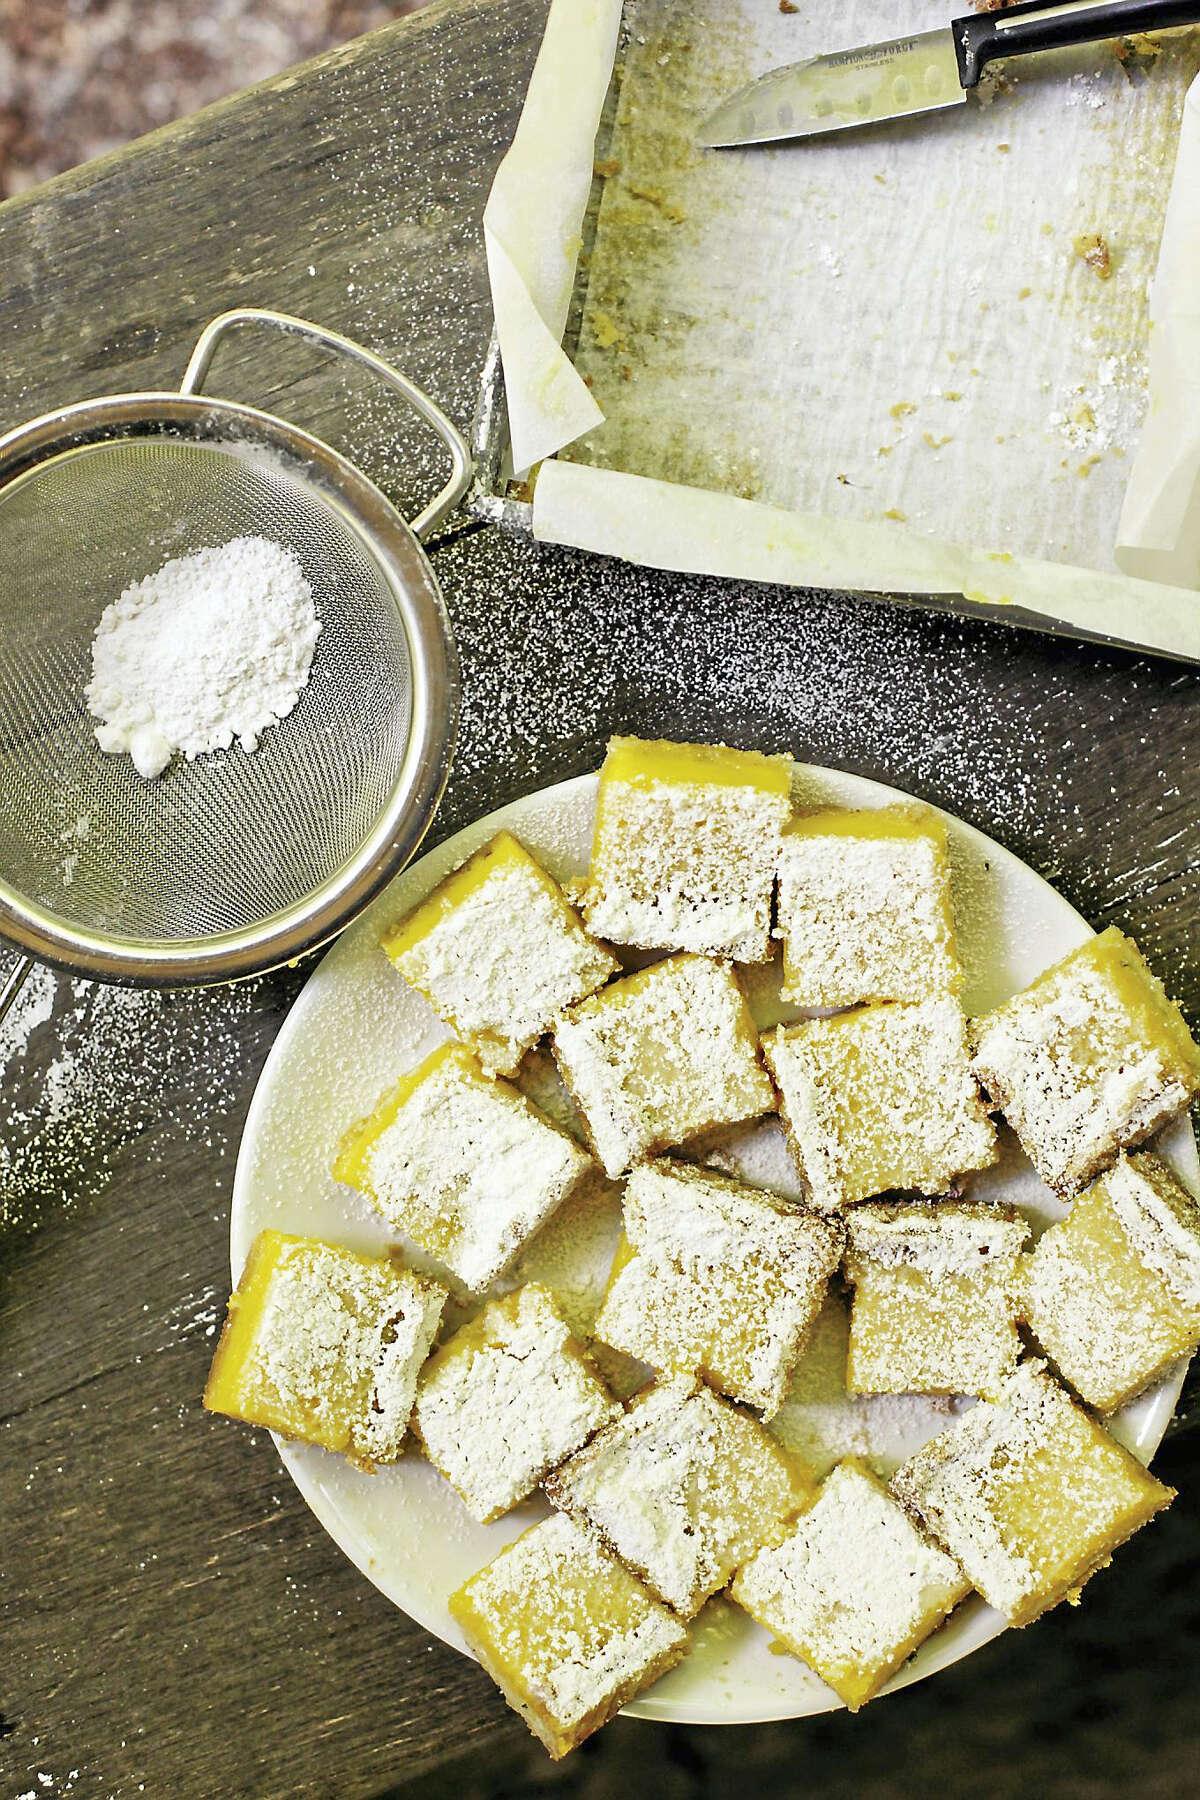 Rosemary lemon bars.